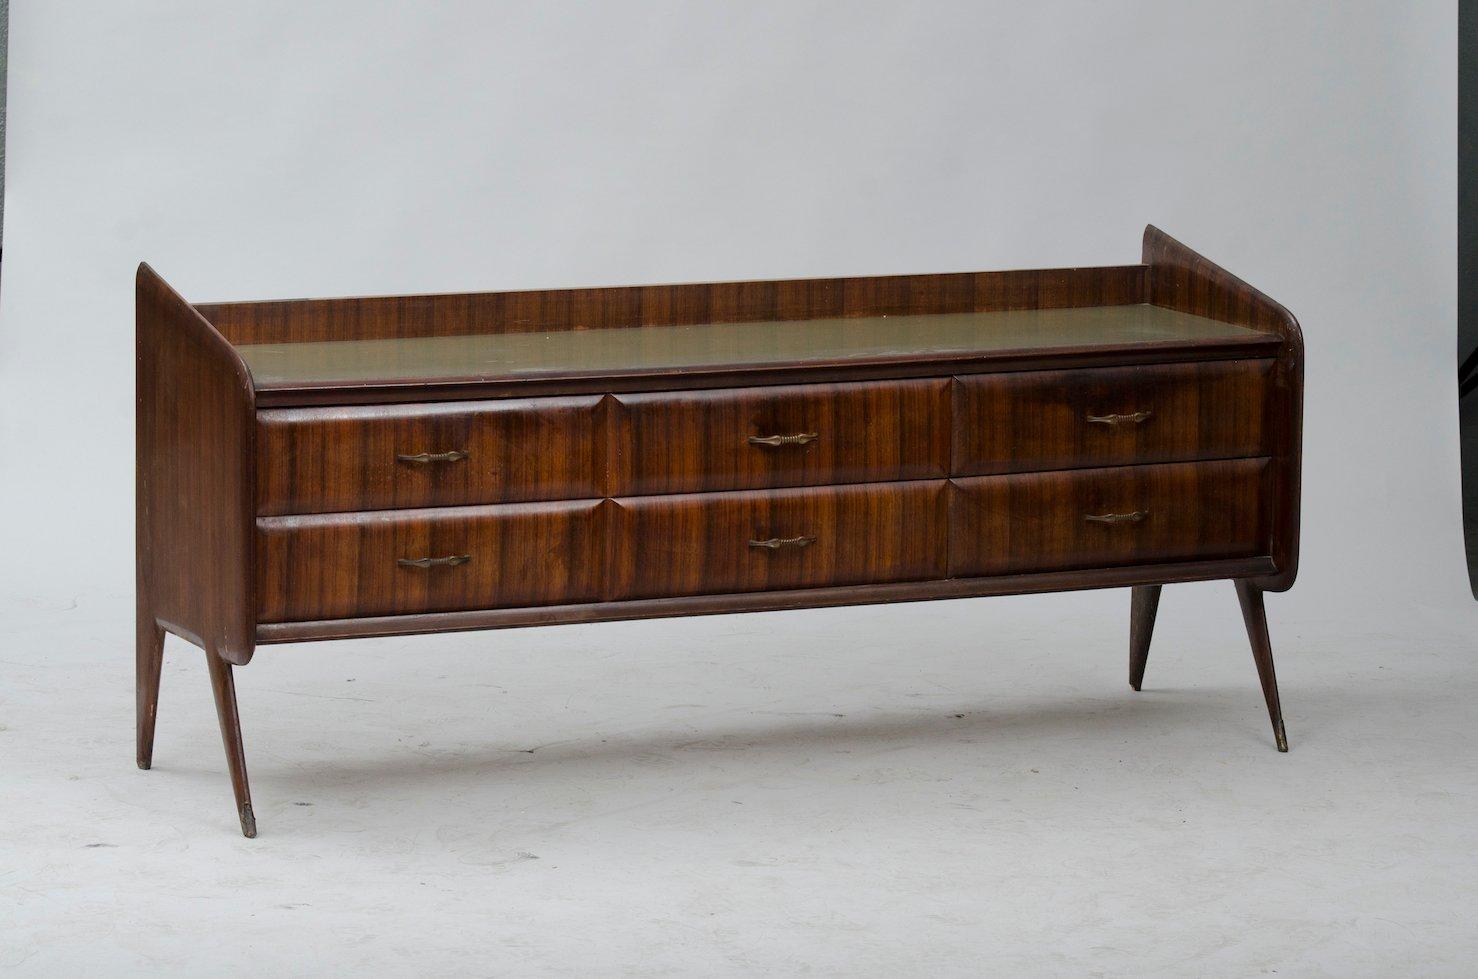 italienische vintage kommode bei pamono kaufen. Black Bedroom Furniture Sets. Home Design Ideas